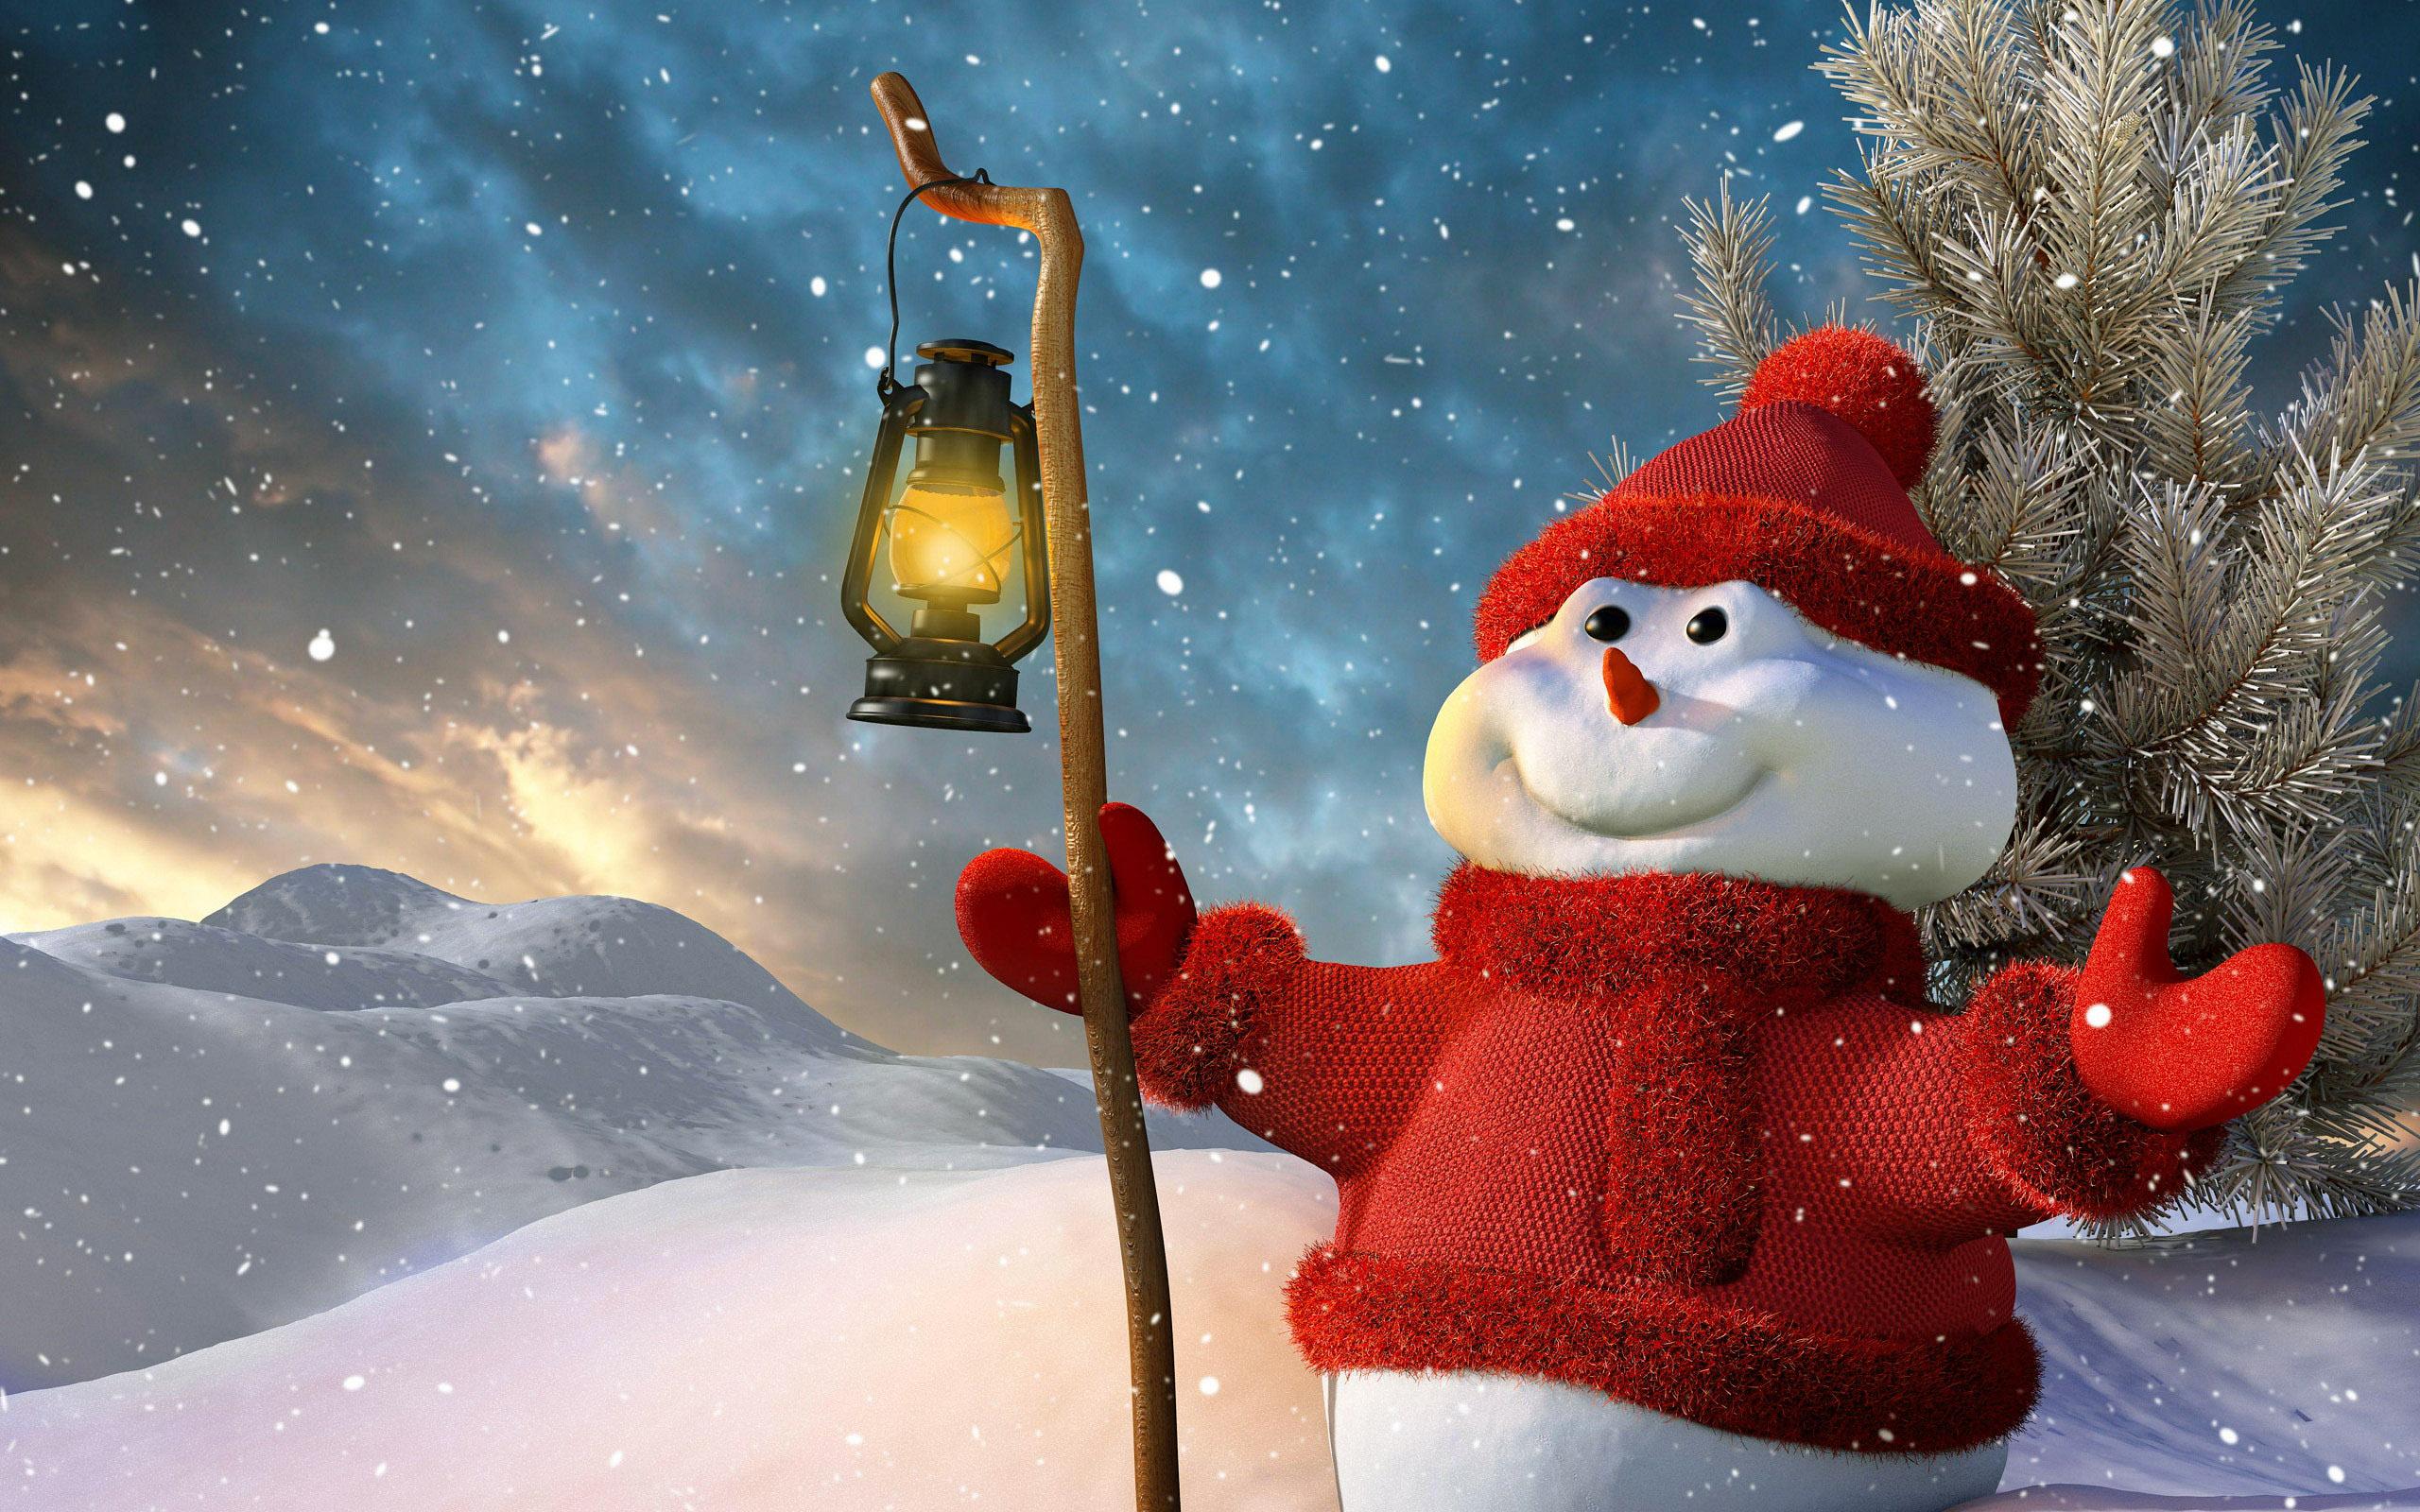 Новый год, снеговик, новогодние обои hd